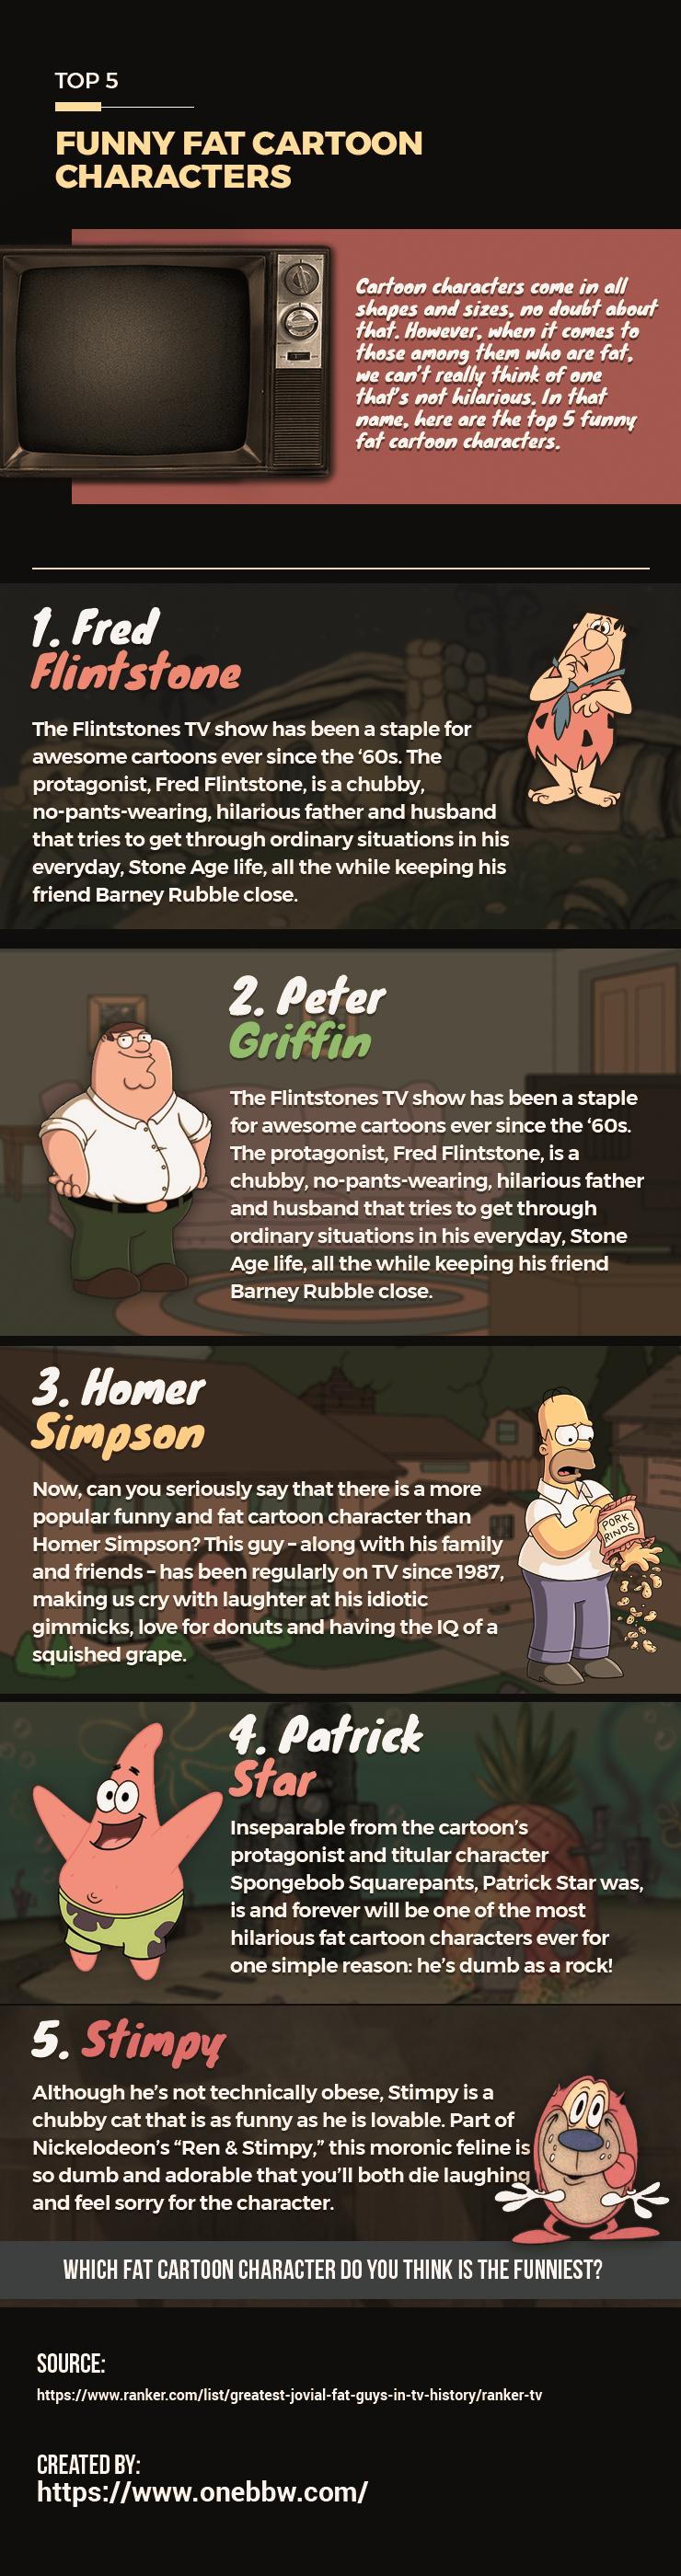 Top 5 Funny Fat Cartoon Characters